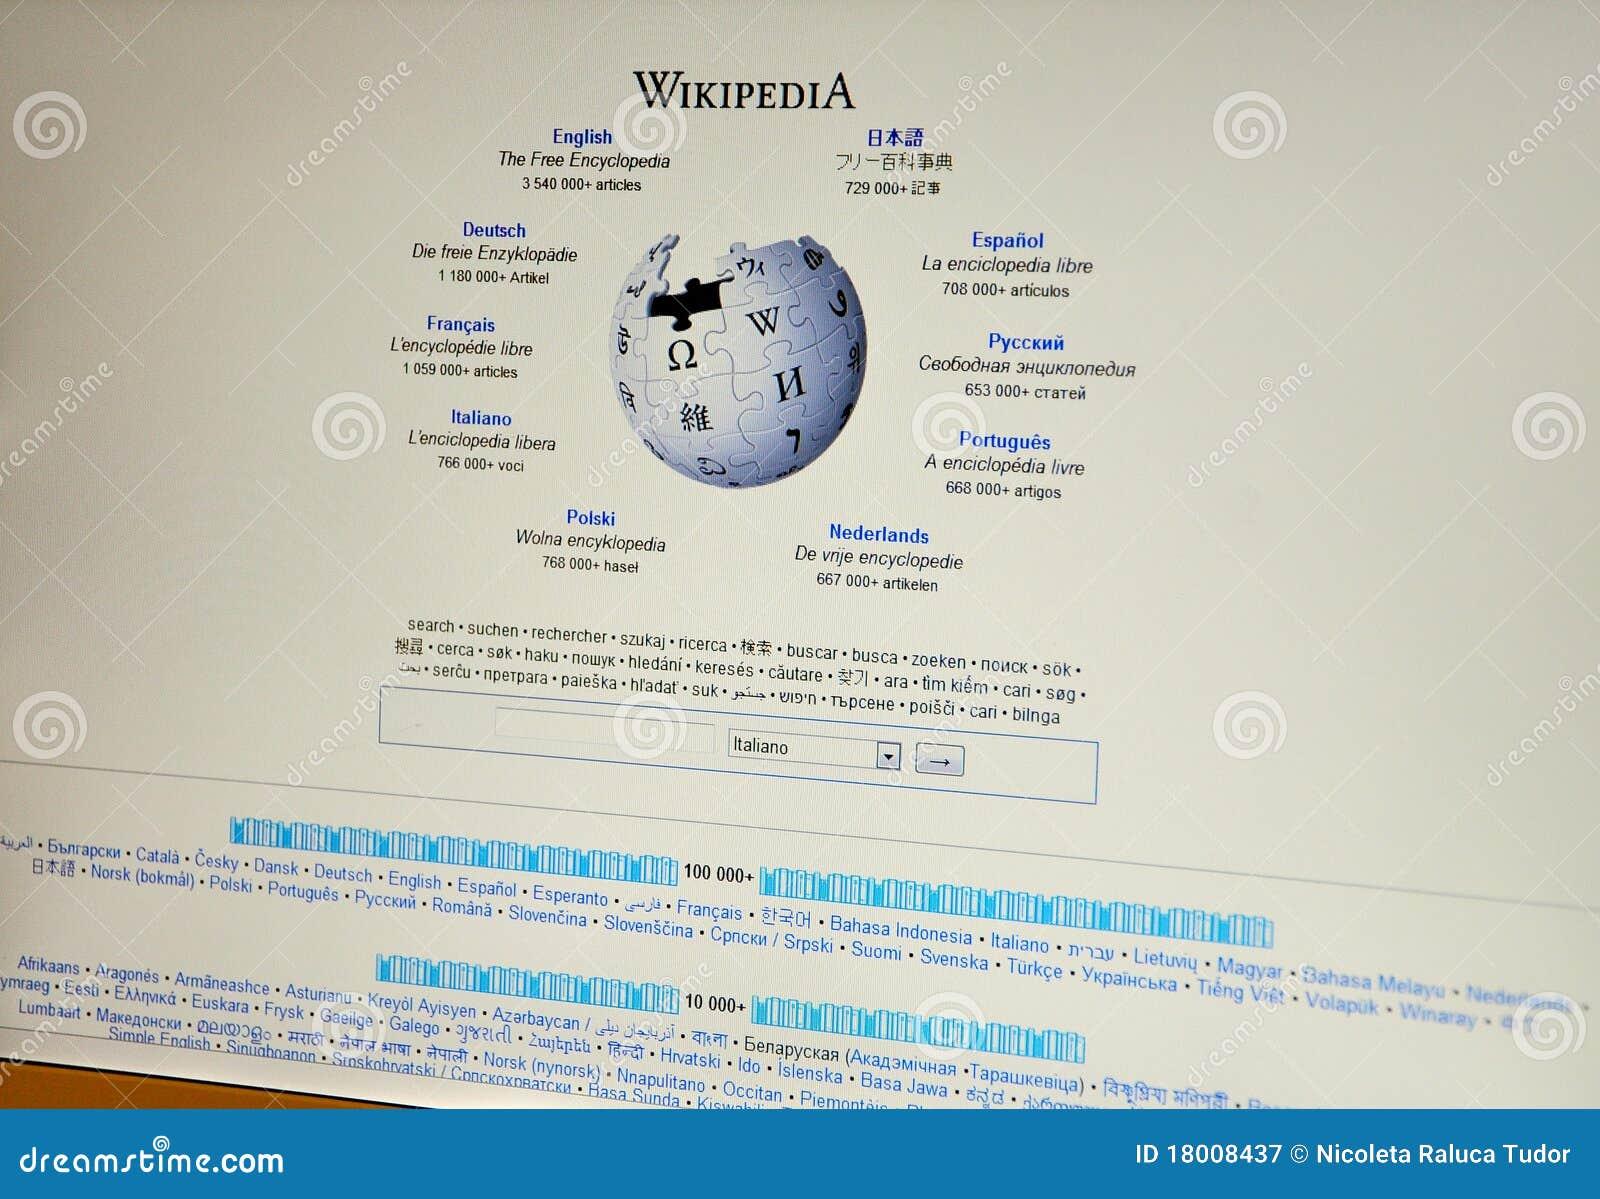 Comparison of BitTorrent sites